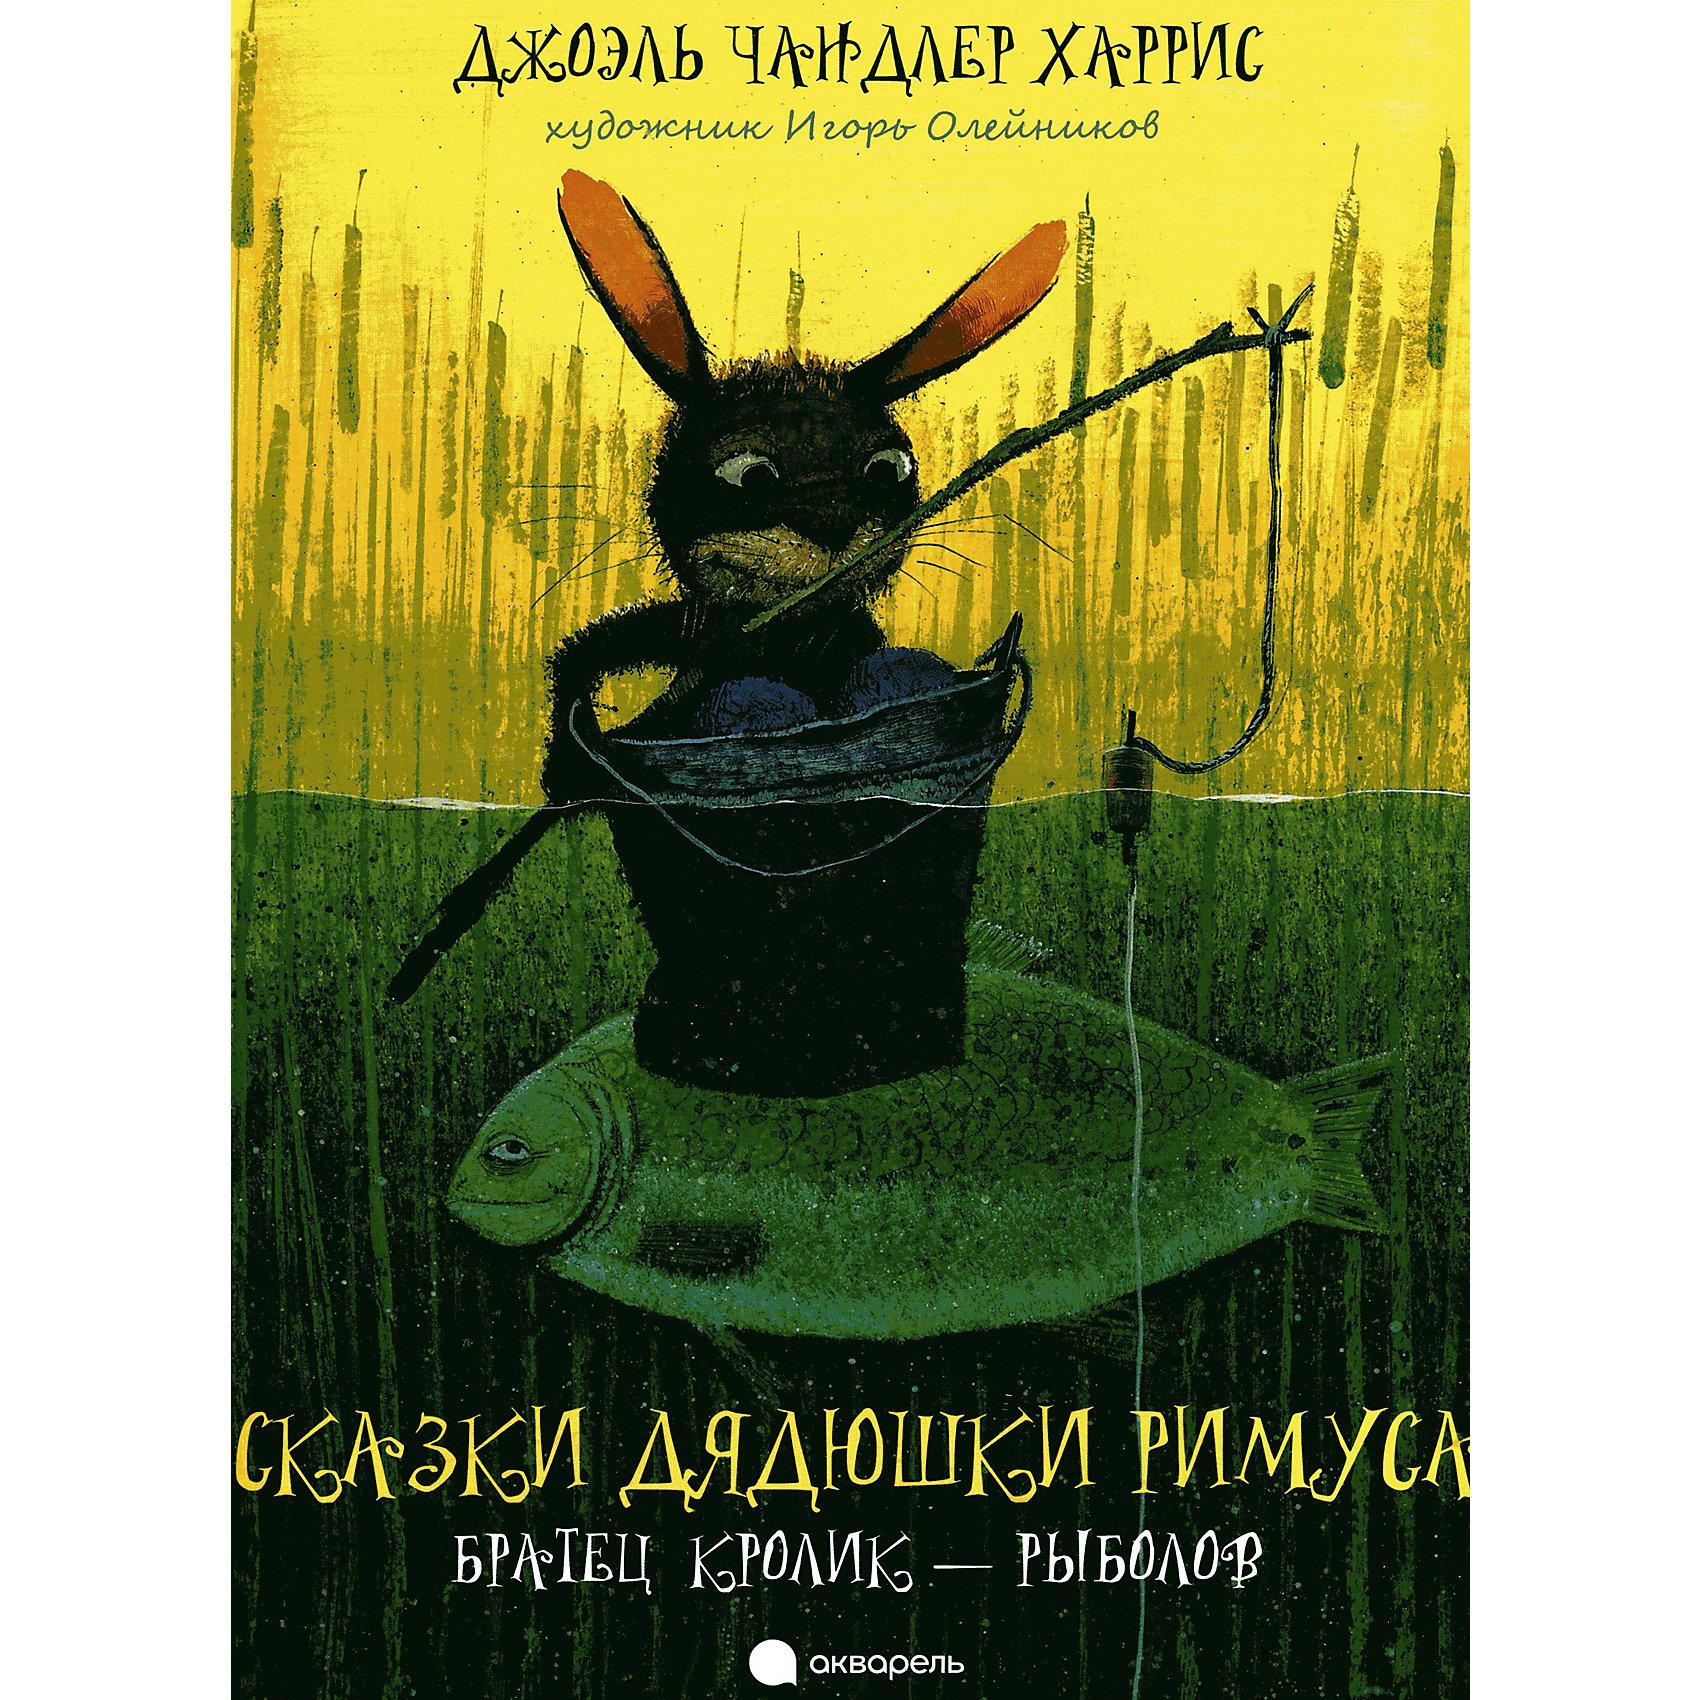 Сказки дядюшки Римуса Братец Кролик-рыболов, Дж.Ч. ХаррисСказки дядюшки Римуса Братец Кролик-рыболов, Дж.Ч. Харрис – веселые сказки о забавных приключениях Братца Кролика и его друзей и врагов.<br>Плут и проказник Братец Кролик жил в далекие-далекие времена. Прославился он тем, что никто из зверей не мог тягаться с ним в хитрости. В этой книжке вы прочтете забавные и поучительные истории дядюшки Римуса о приключениях Братца Кролика, Братца Лиса, Братца Волка и Братца Опоссума. Записал и обработал эти и множество других негритянских сказок американский писатель-фольклорист Джоэль Чендлер Харрис. Волшебник кисти Игорь Олейников, лауреат Болонской книжной выставки, автор более сорока детских книг, любящий сказки дядюшки Римуса с детства, сам отобрал их для этого сборника. Его прекрасные иллюстрации, передающие юмор, которым пронизана книга, понравятся не только детям, но и взрослым ценителям настоящего искусства.<br><br>Дополнительная информация:<br><br>- Содержание: Братец Кролик – Рыболов; Неудача Братца Волка; Храбрый Братец Опоссум; Как Братец Лис охотился, а добыча досталась Братцу Кролику<br>- Автор: Харрис Джоэль Чандлер<br>- Художник: Олейников Игорь<br>- Редактор: Миклухо-Маклай Ольга<br>- Издательство: Акварель, 2015 г.<br>- Серия: Волшебники кисти<br>- Тип обложки: 7Бц - твердая, целлофанированная (или лакированная)<br>- Иллюстрации: цветные<br>- Количество страниц: 32 (мелованная)<br>- Размер: 310x250x7 мм.<br>- Вес: 482 гр.<br><br>Книгу Сказки дядюшки Римуса Братец Кролик-рыболов, Дж.Ч. Харрис можно купить в нашем интернет-магазине.<br><br>Ширина мм: 251<br>Глубина мм: 8<br>Высота мм: 311<br>Вес г: 540<br>Возраст от месяцев: 72<br>Возраст до месяцев: 120<br>Пол: Унисекс<br>Возраст: Детский<br>SKU: 4522386